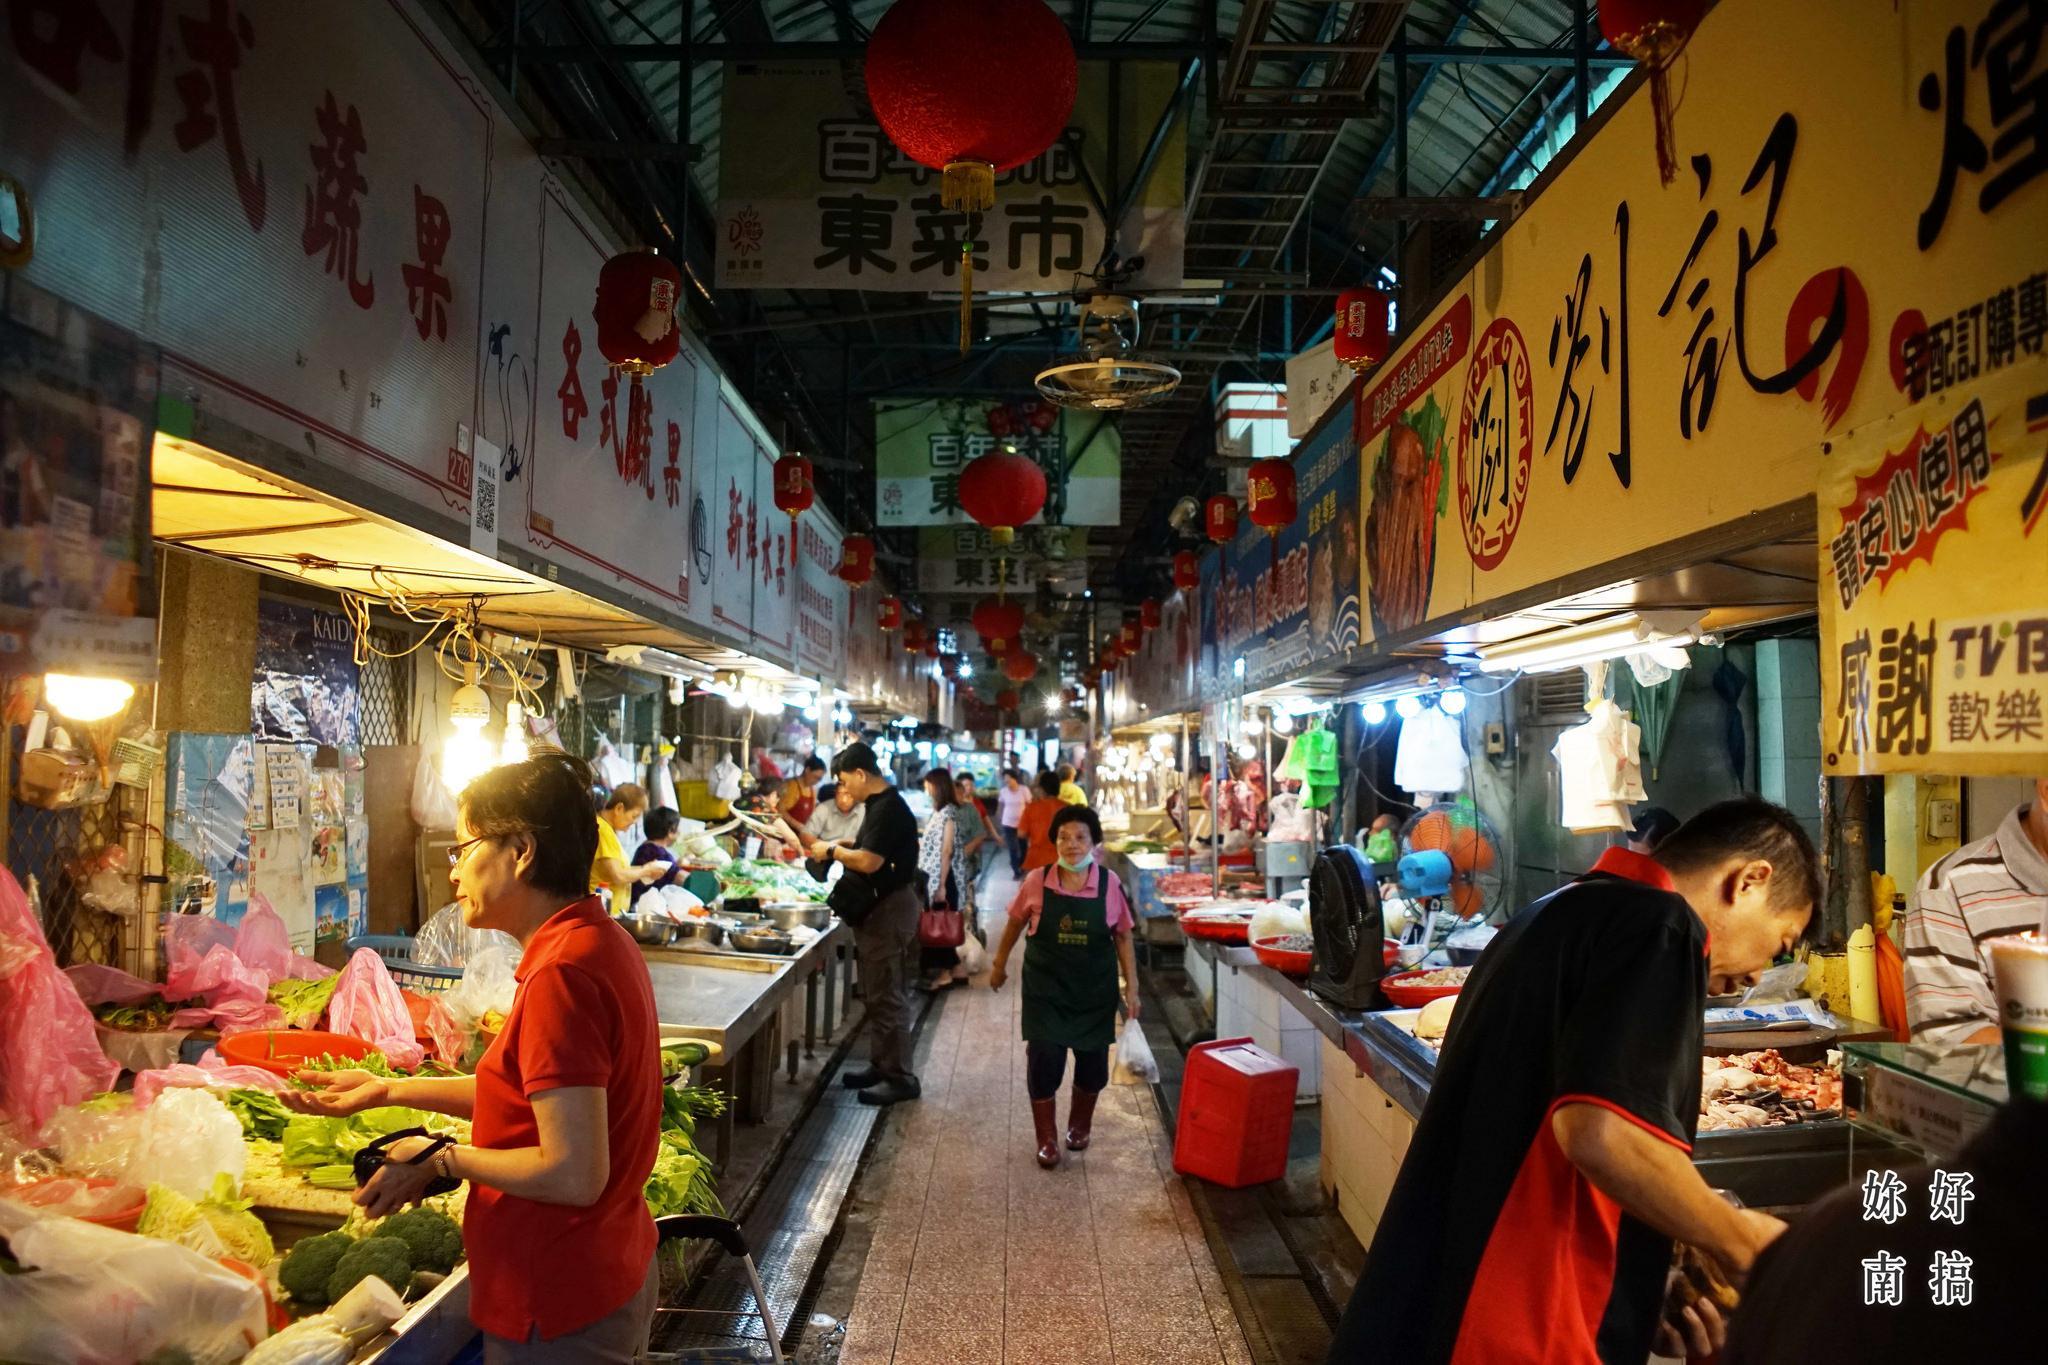 台南深度旅遊-主廚的菜籃子逛市場-07-妳好南搞